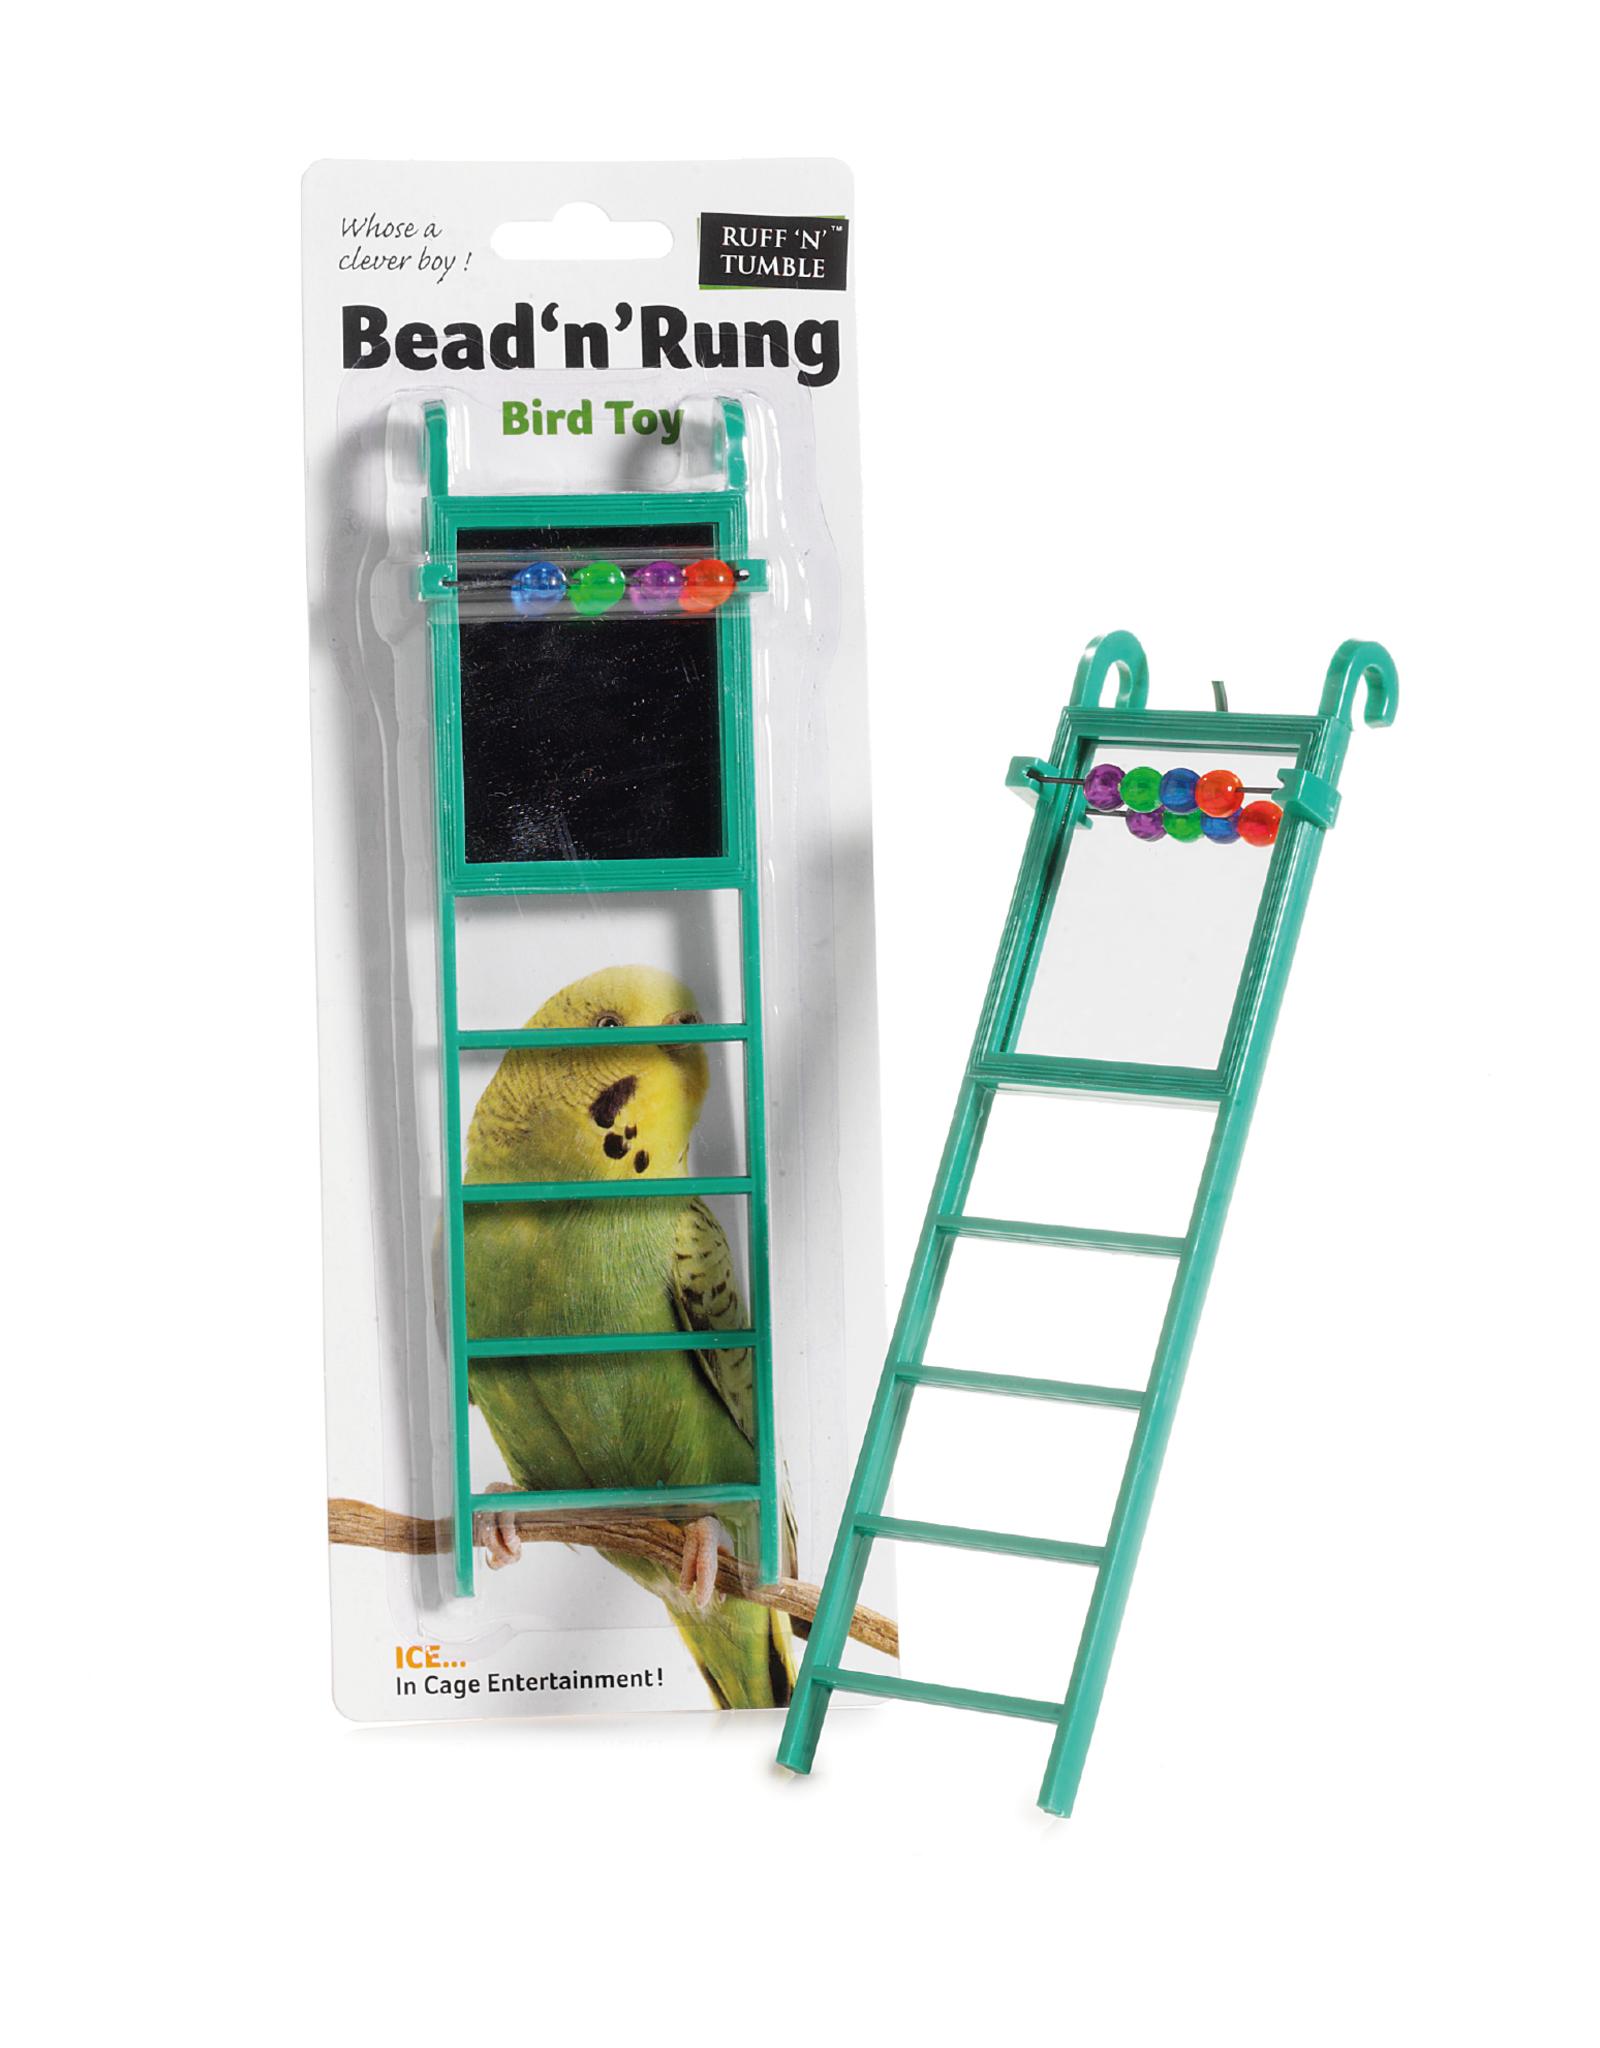 sharples Bead 'n' Rung Cage Bird Toy